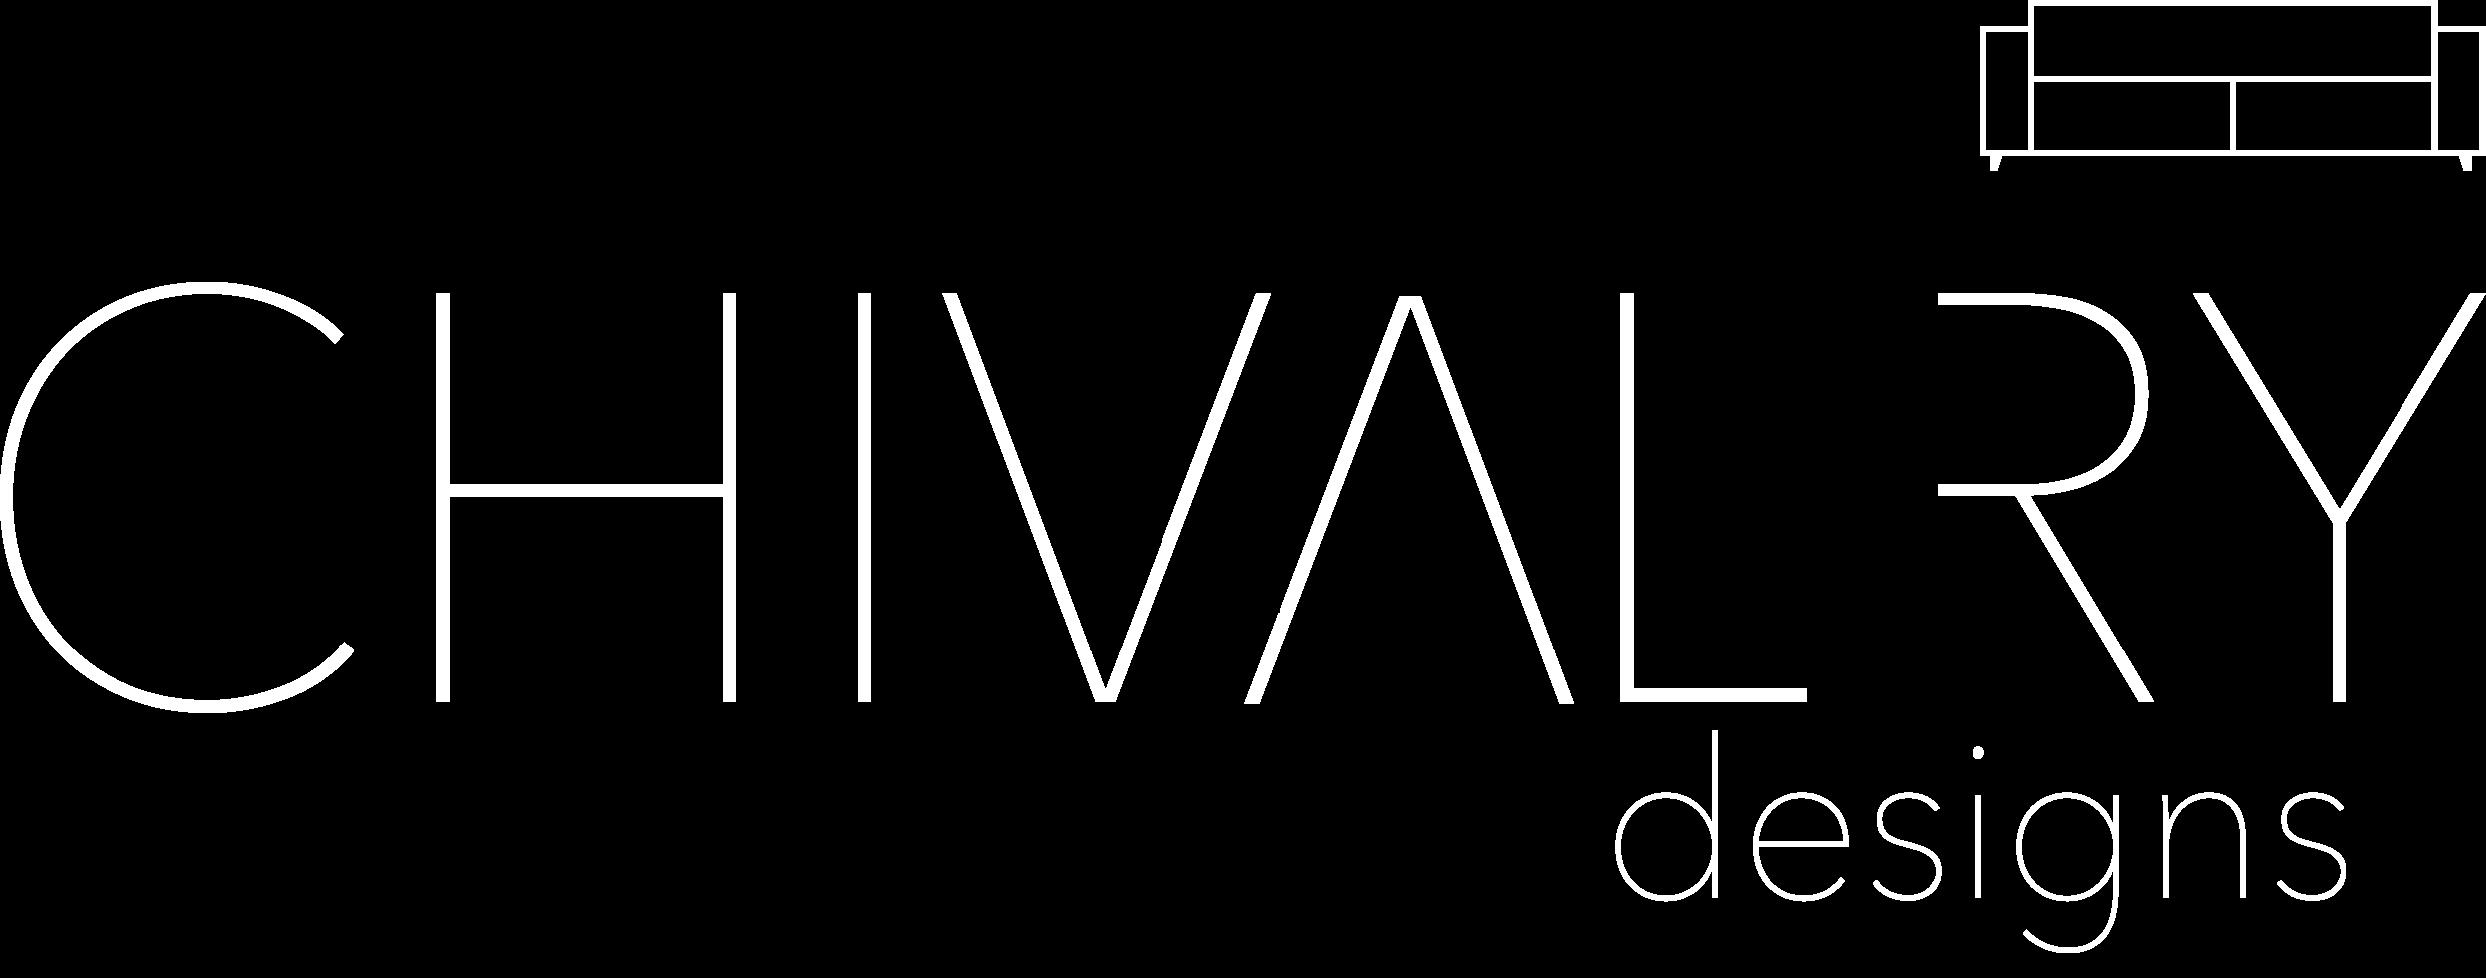 Chivalry Designs